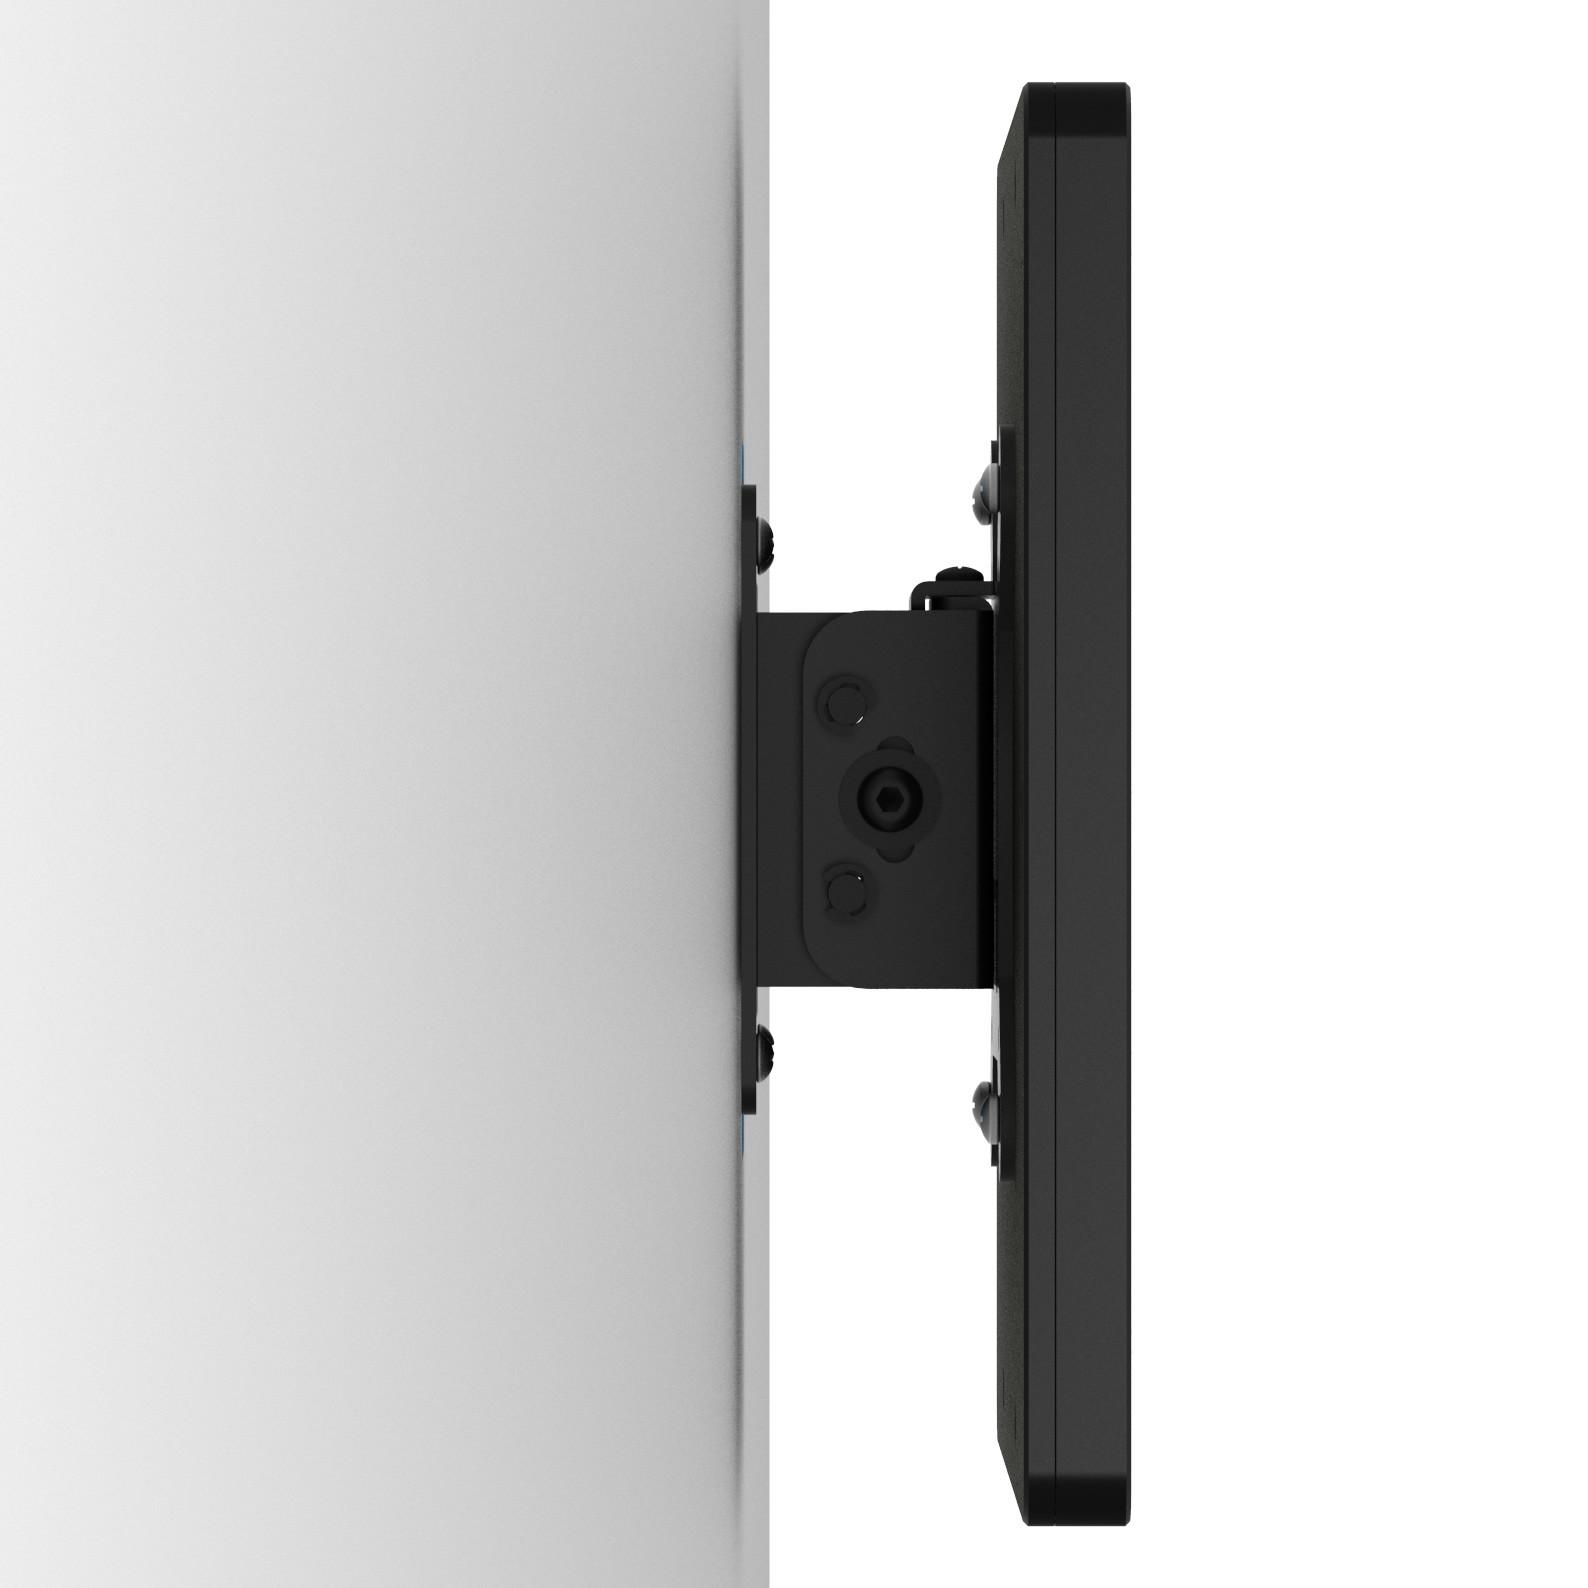 Tilting Wall Ipad Air 1 Amp 2 9 7 Inch Ipad Pro Tablet